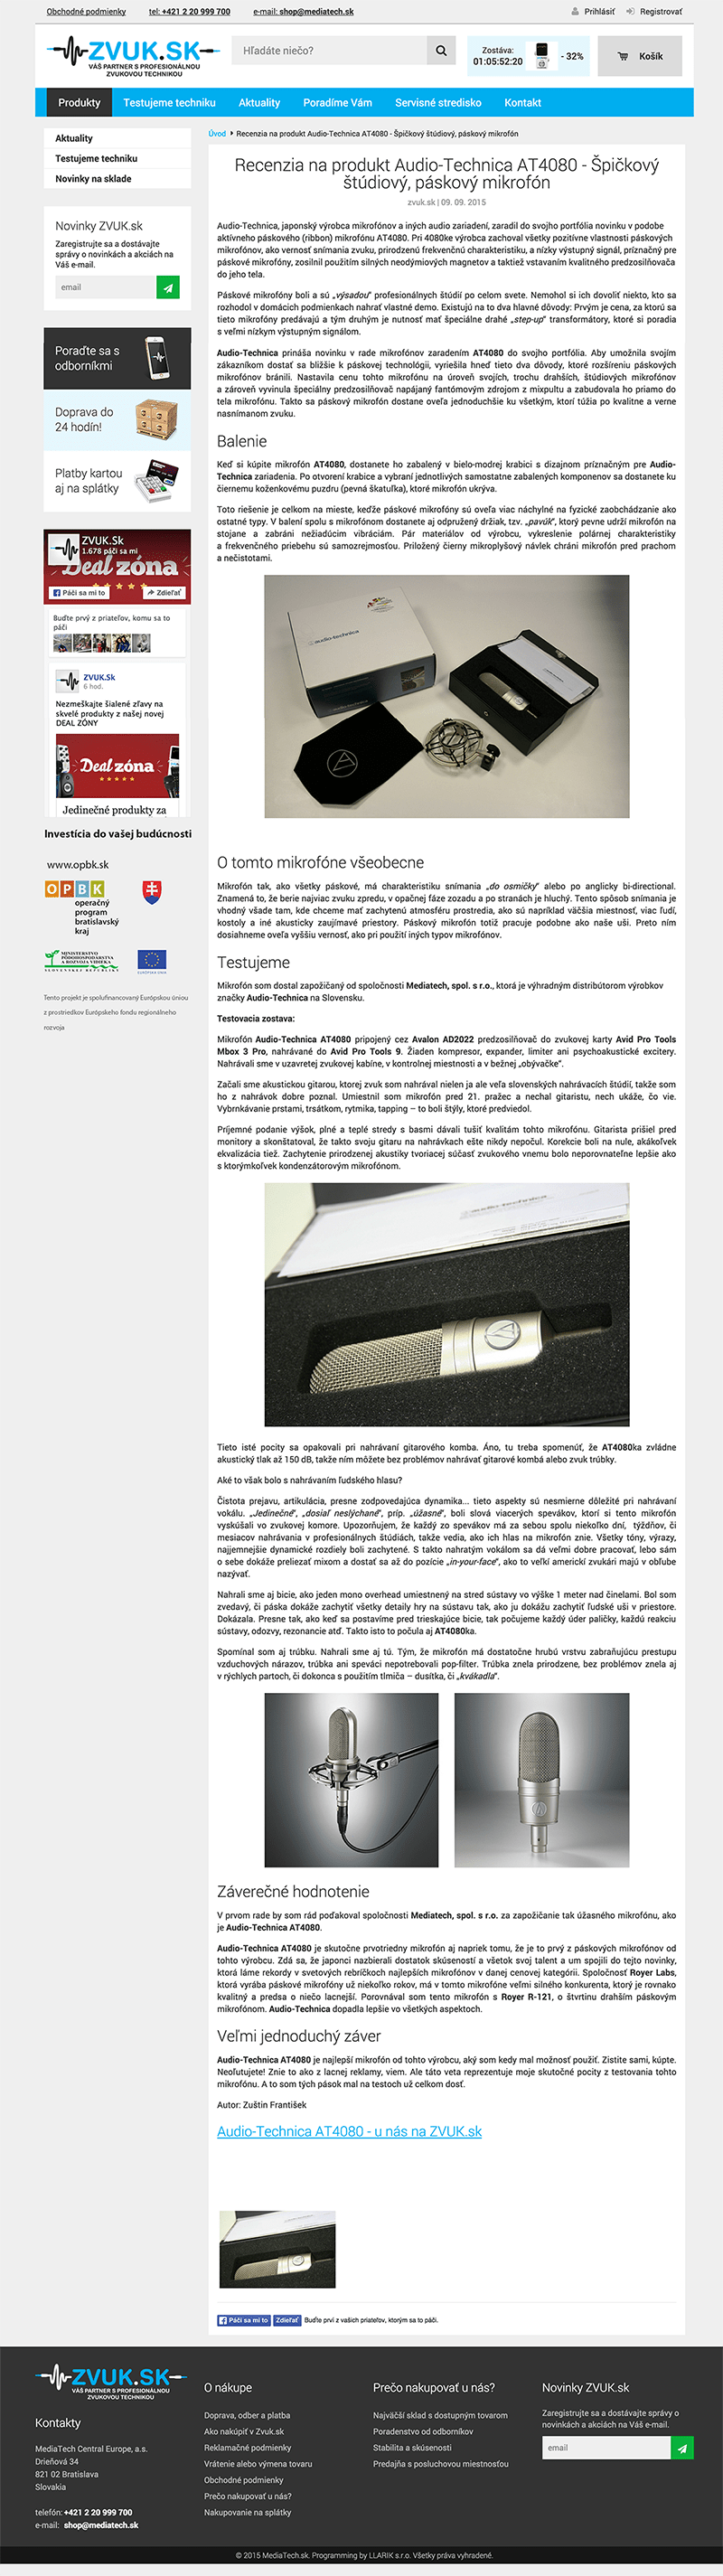 Recenzia-na-produkt-Audio-Technica-AT4080-Špičkový-štúdiový-páskový-mikrofón-ZVUK.sk-–-internetový-obchod-copy